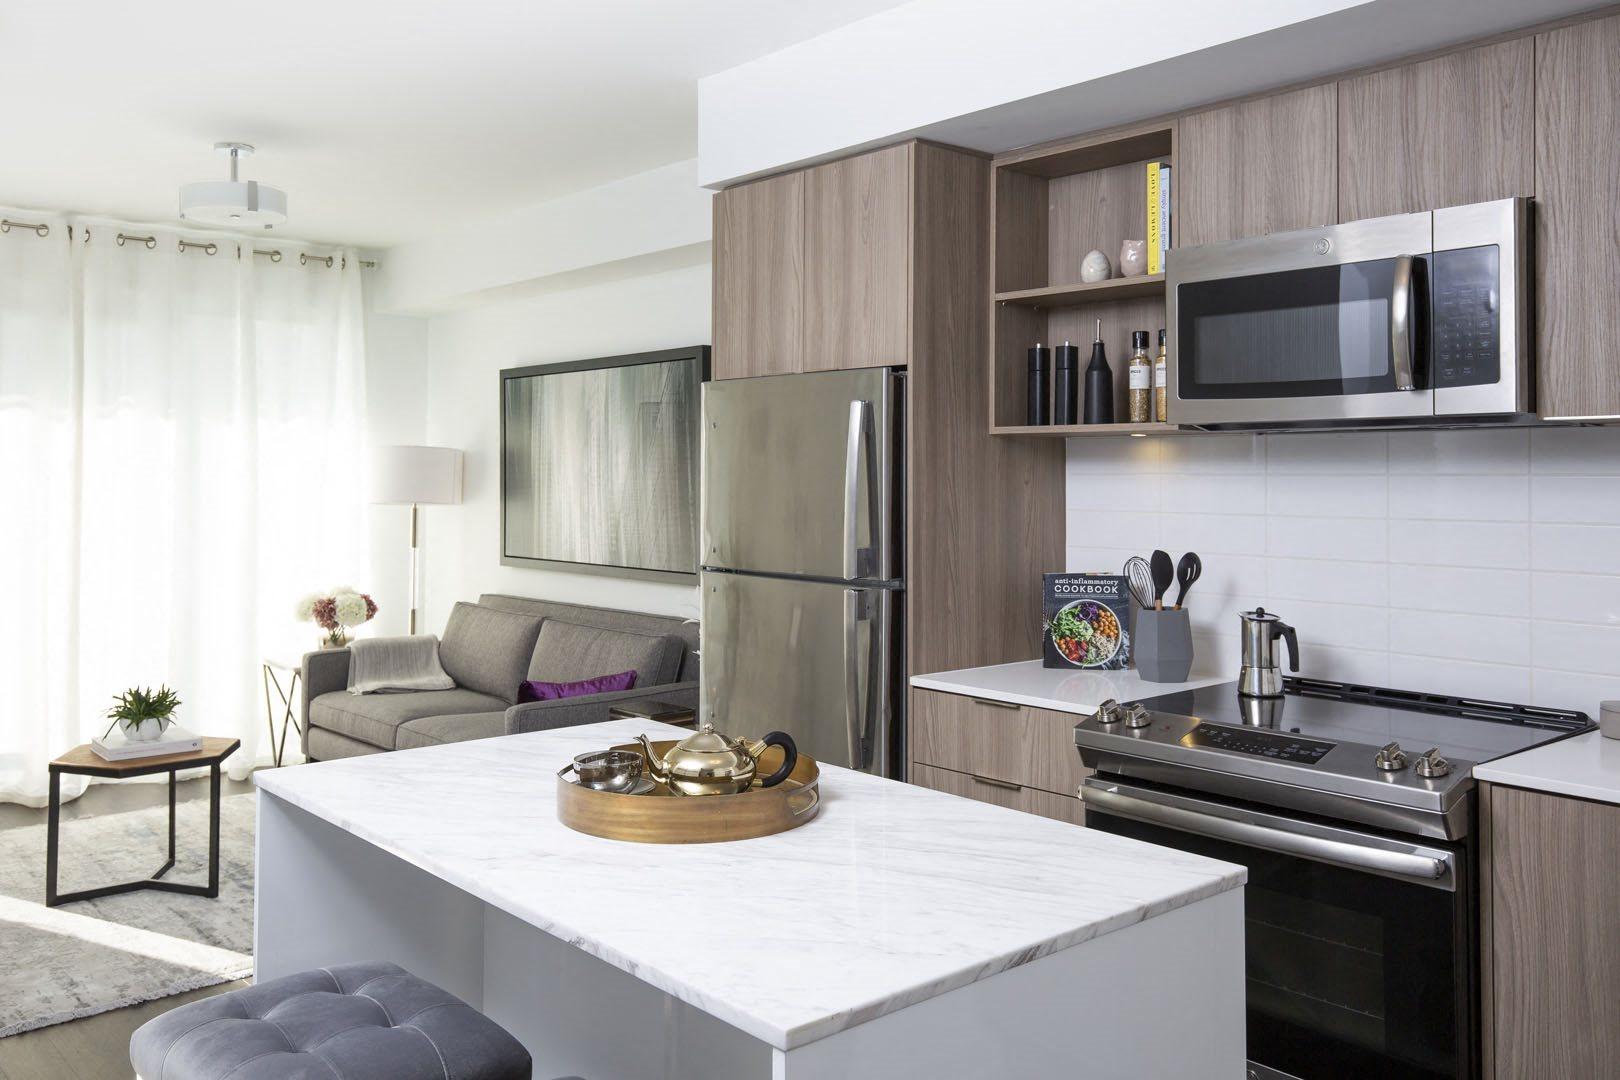 West22 Model Suite Kitchen